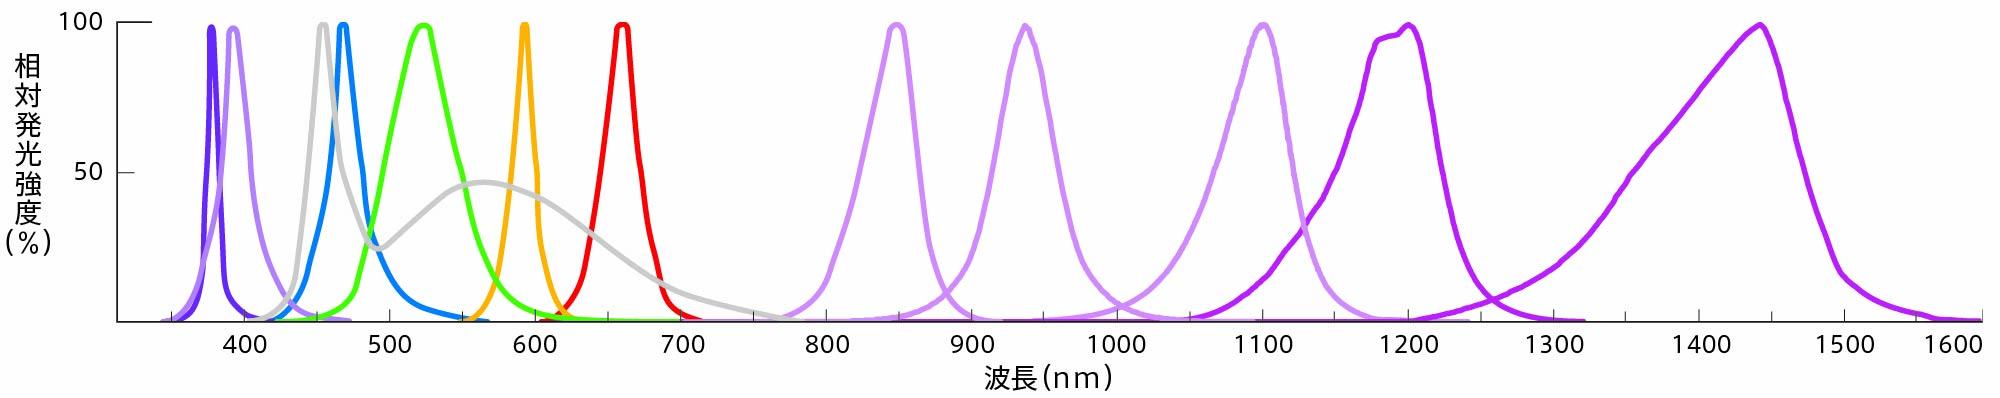 ピーク波長ごとに相対発行強度